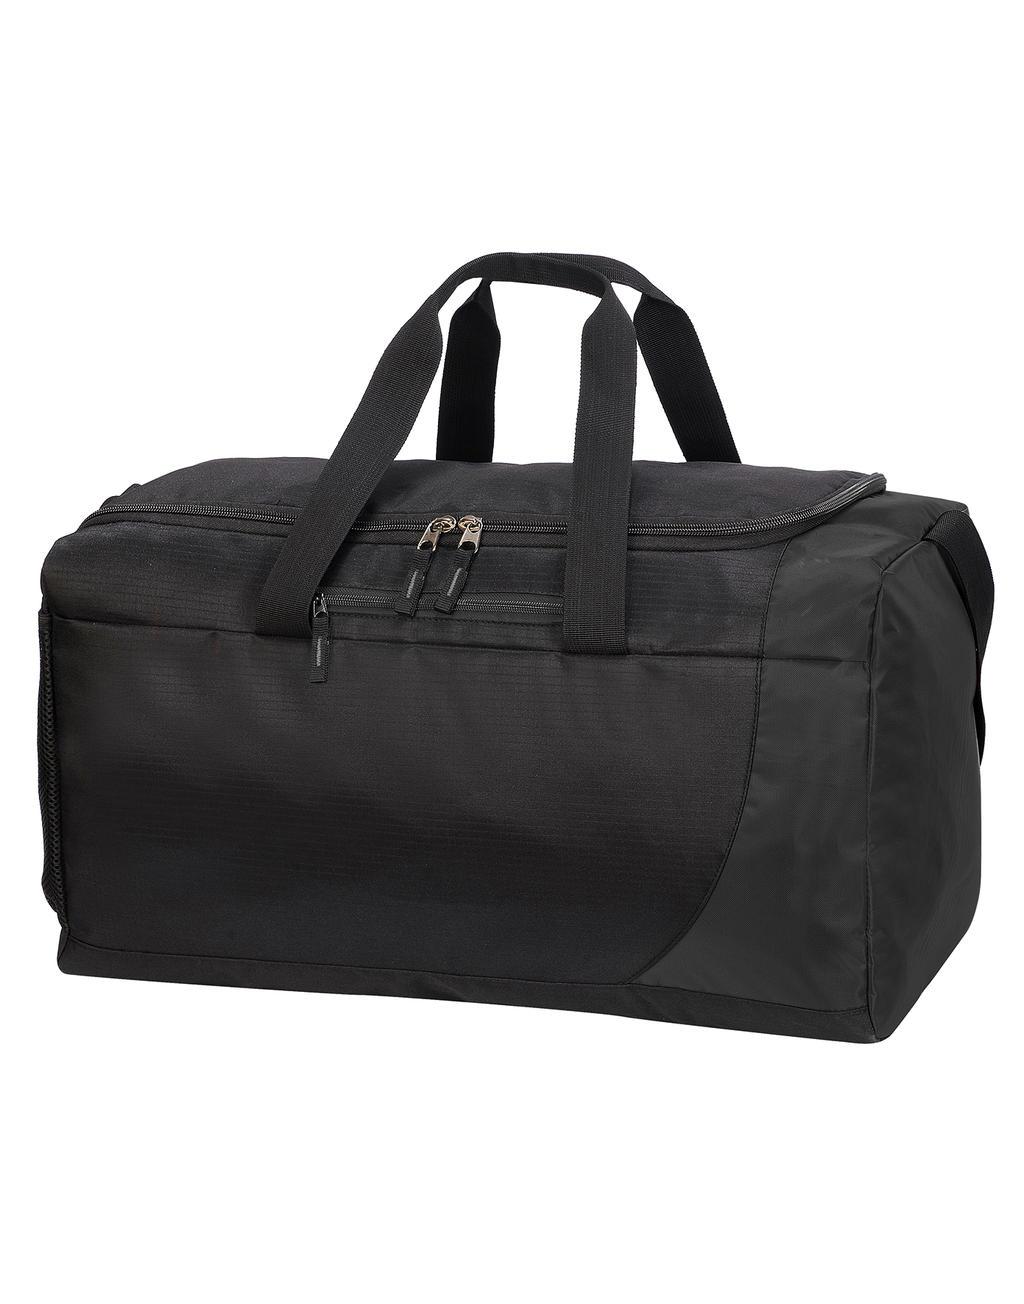 Sportovní taška Kit Bag Naxos - zvìtšit obrázek